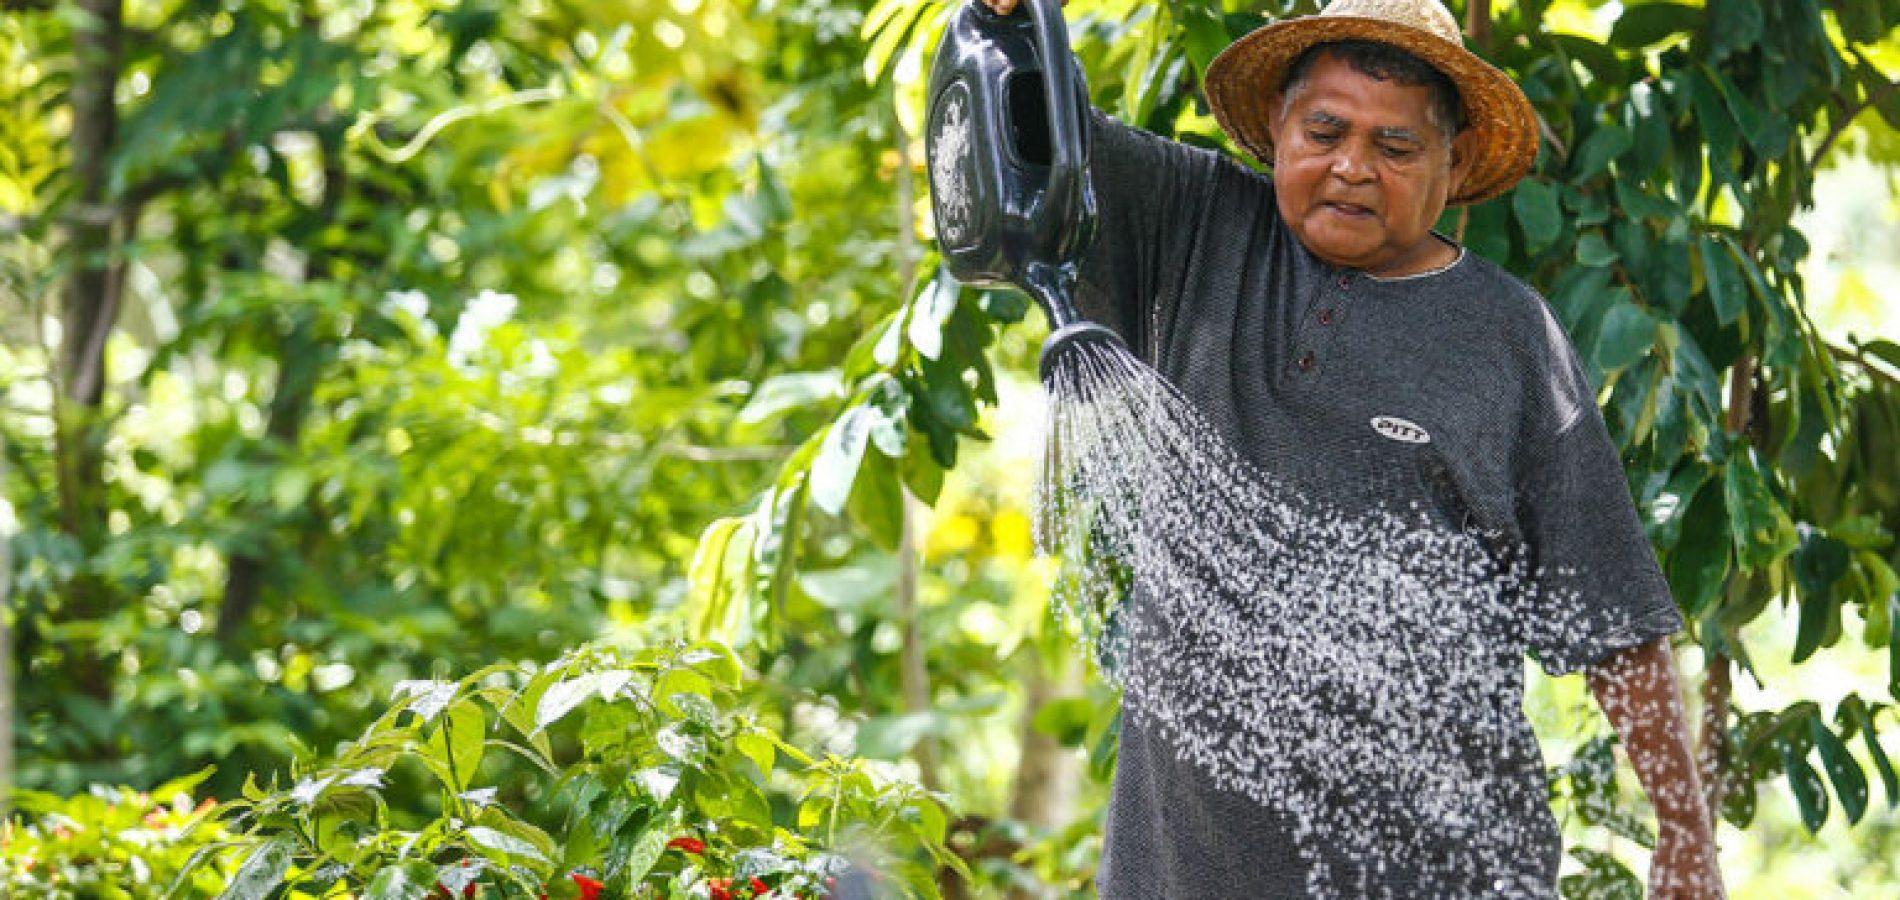 Projeto leva água para comunidades rurais no Nordeste